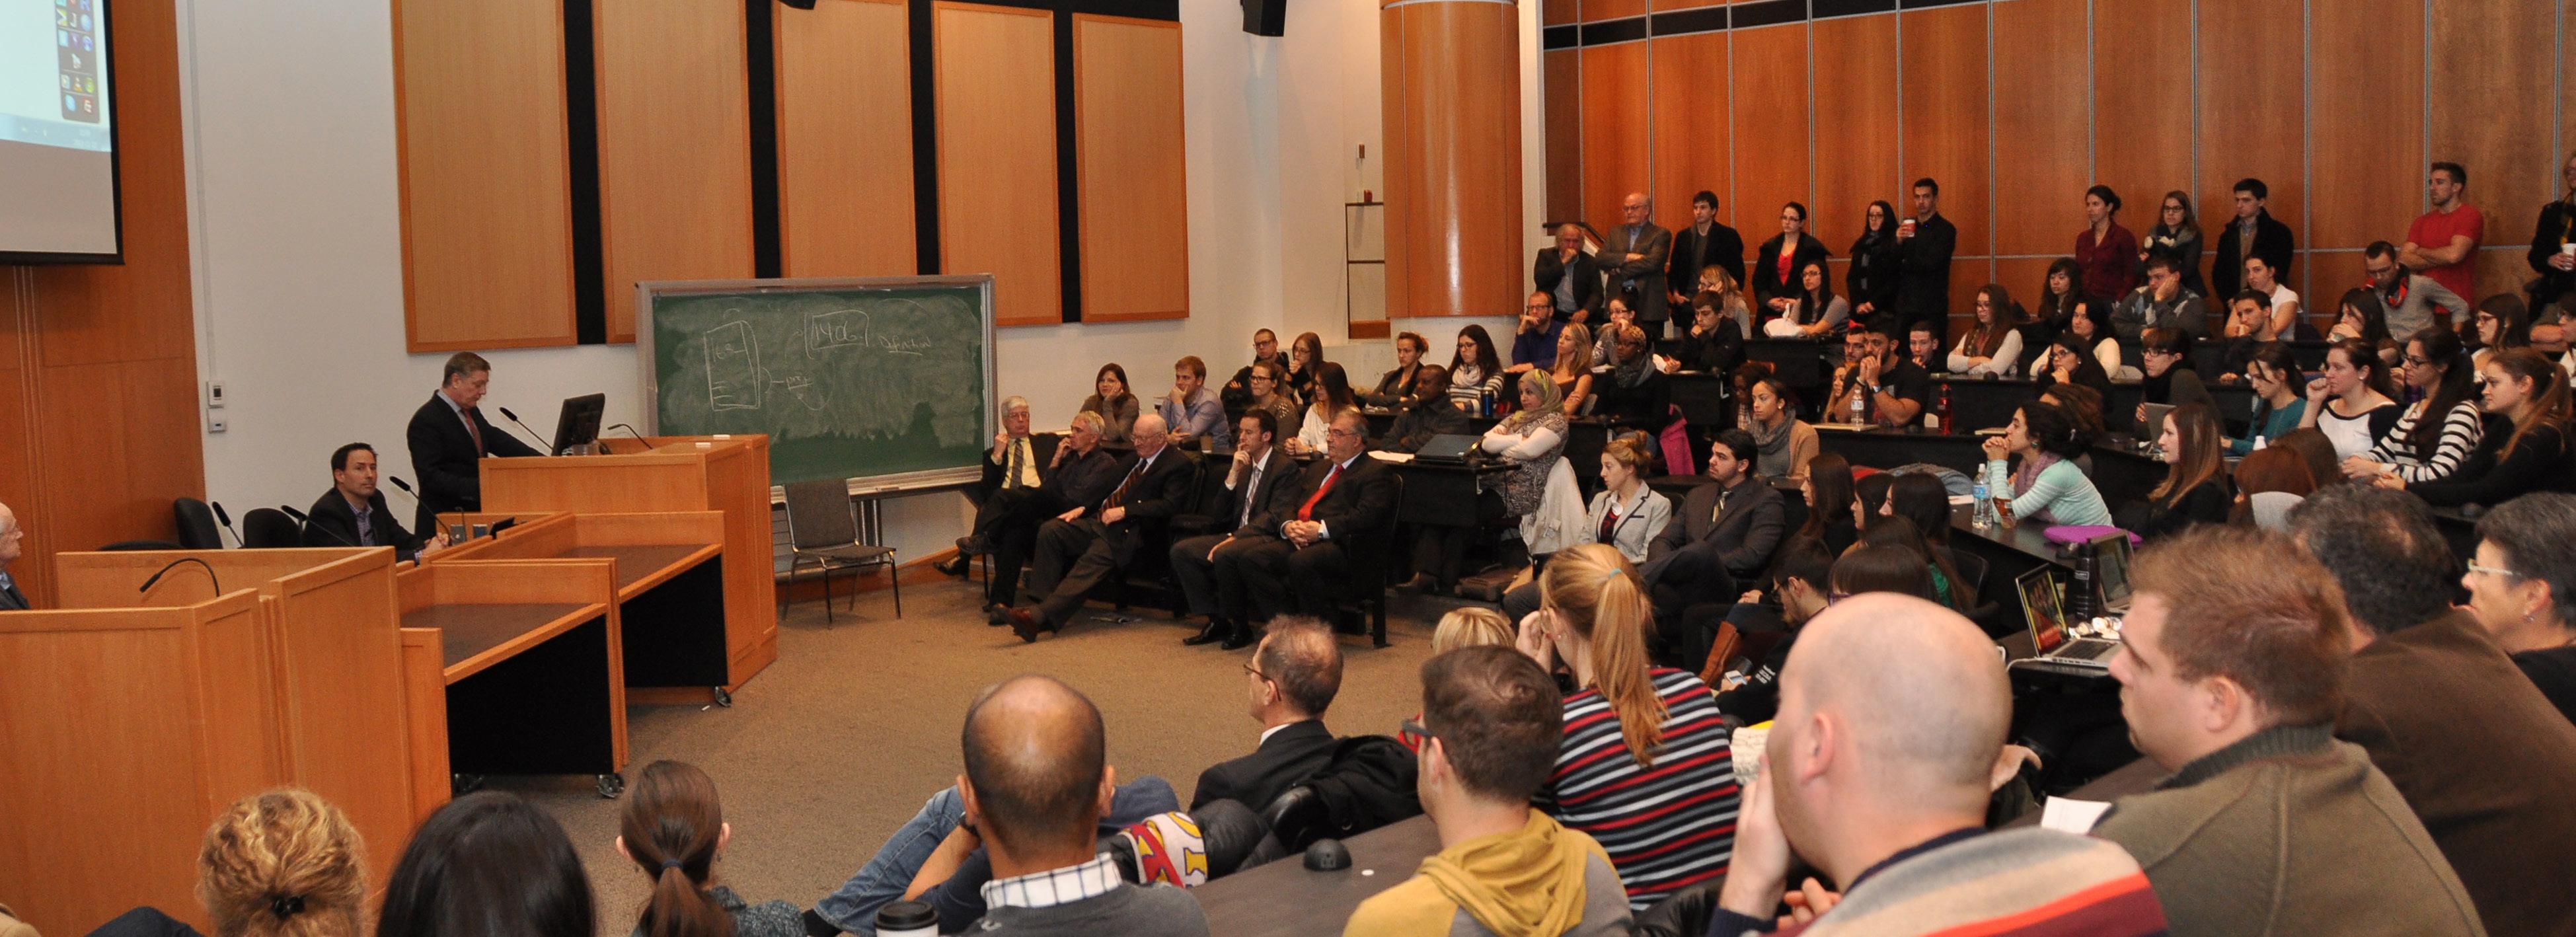 Photo de la salle FTX 147 prise lors du débat du 12 novembre 2013